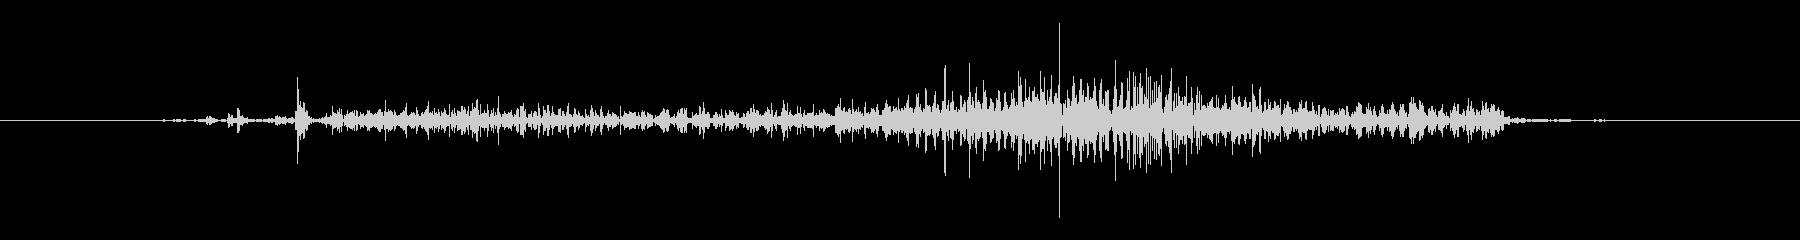 スモールレザーポーチジッパー:オー...の未再生の波形